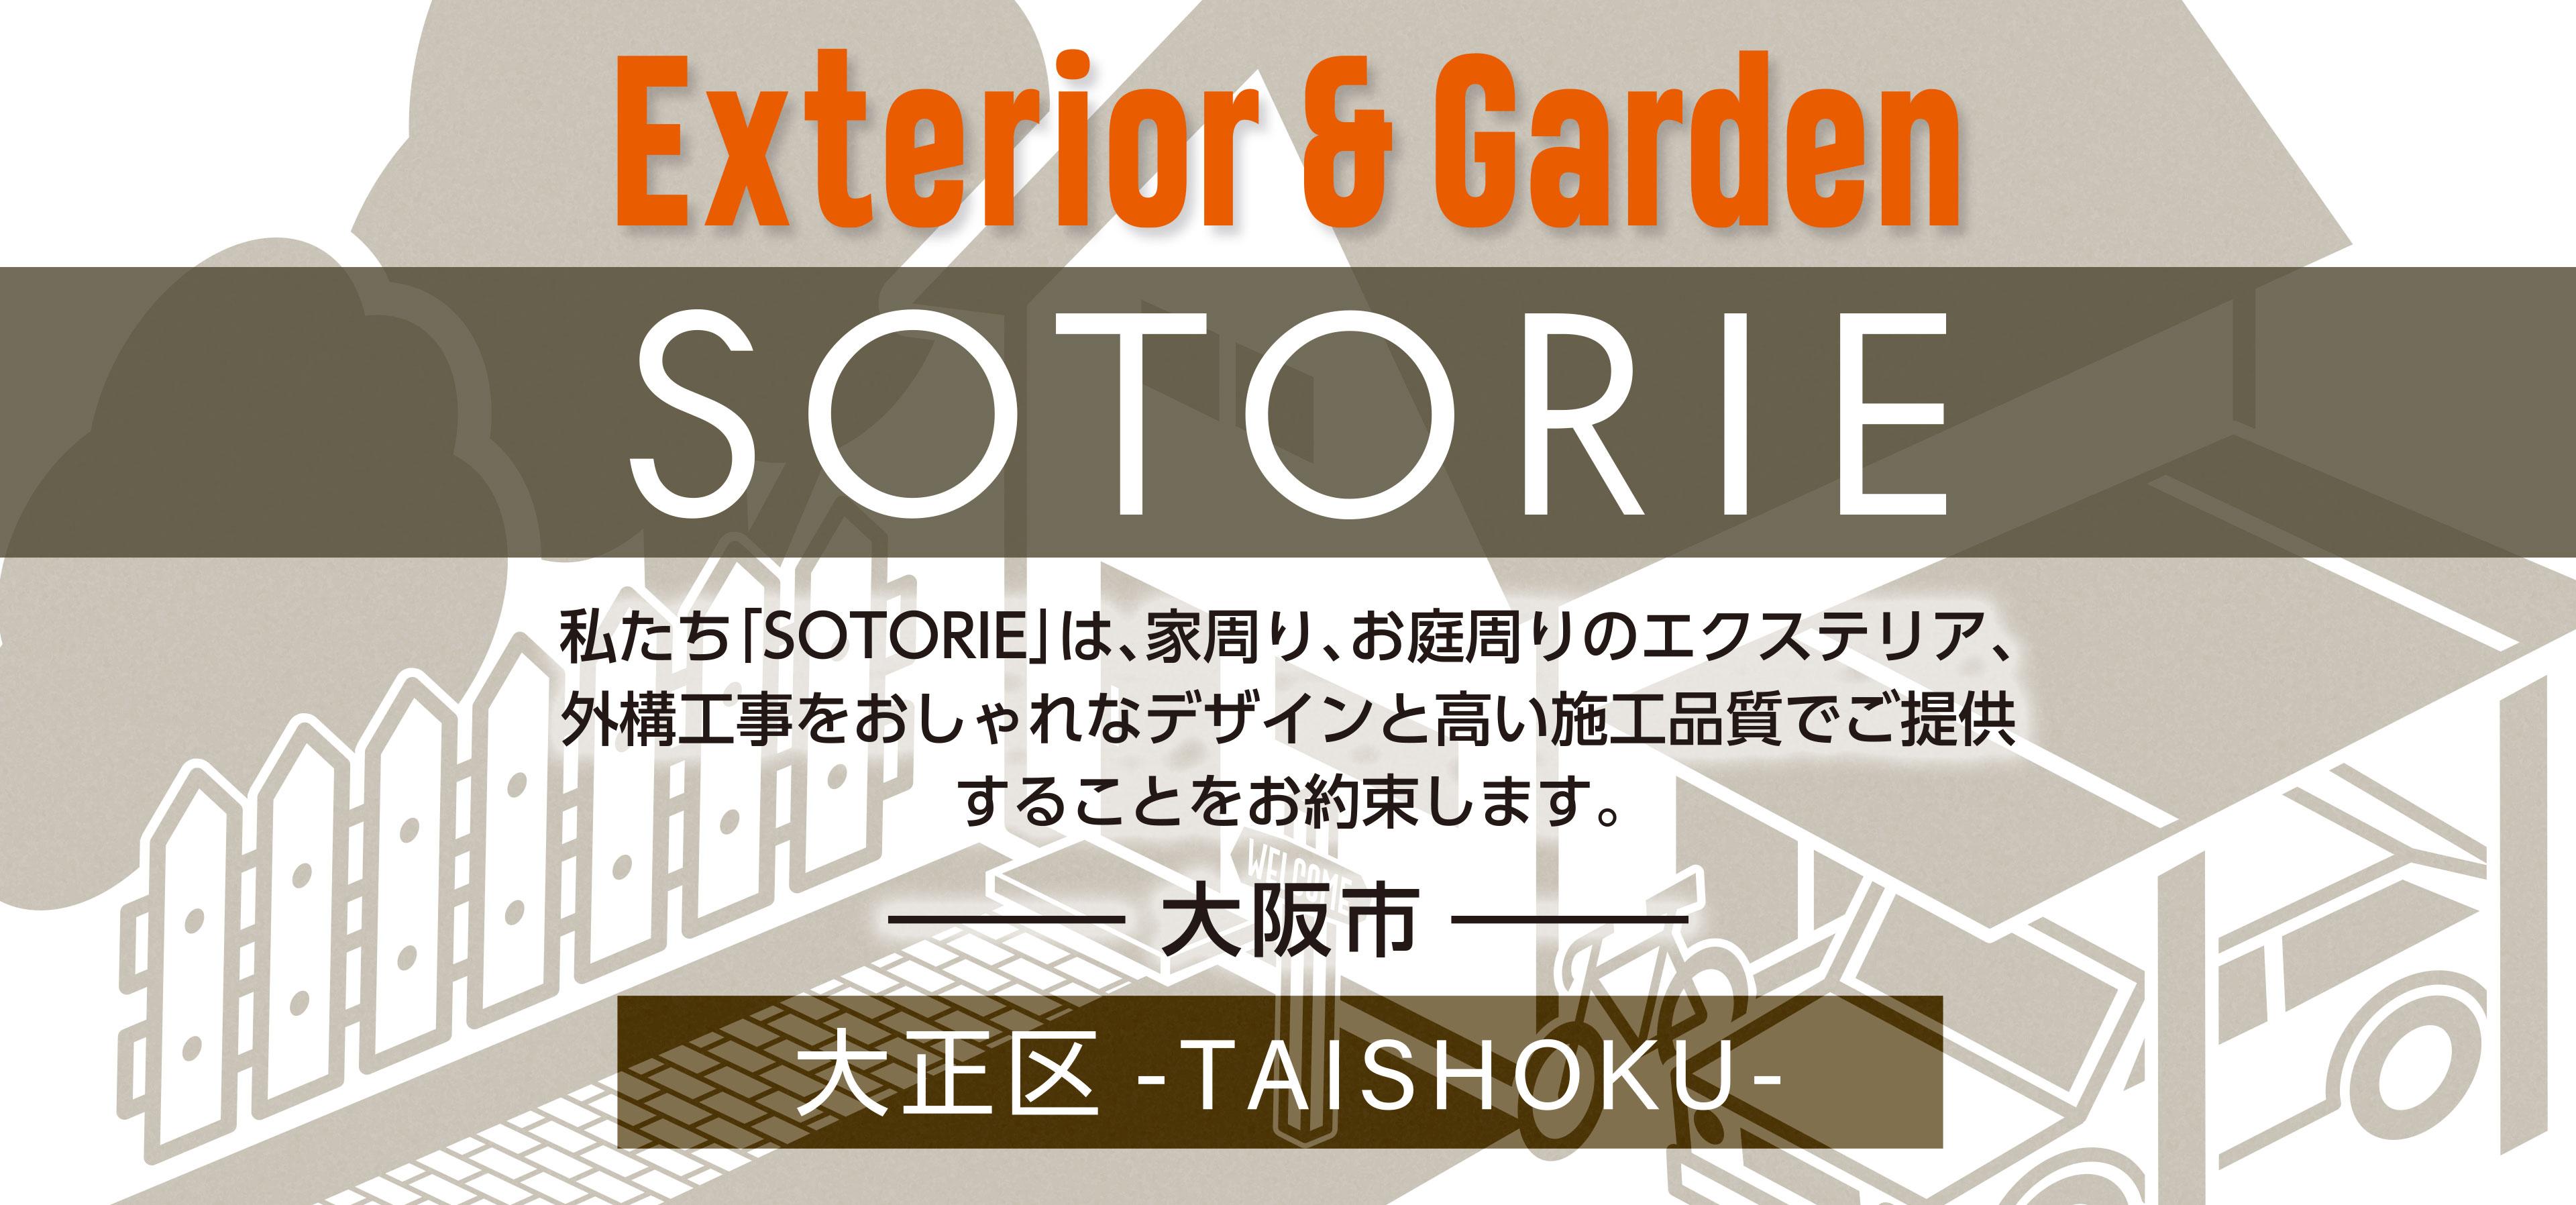 ソトリエ大阪市大正区では、家周りと庭周りの外構、エクステリア工事をおしゃれなデザインと高い施工品質でご提供することをお約束します。